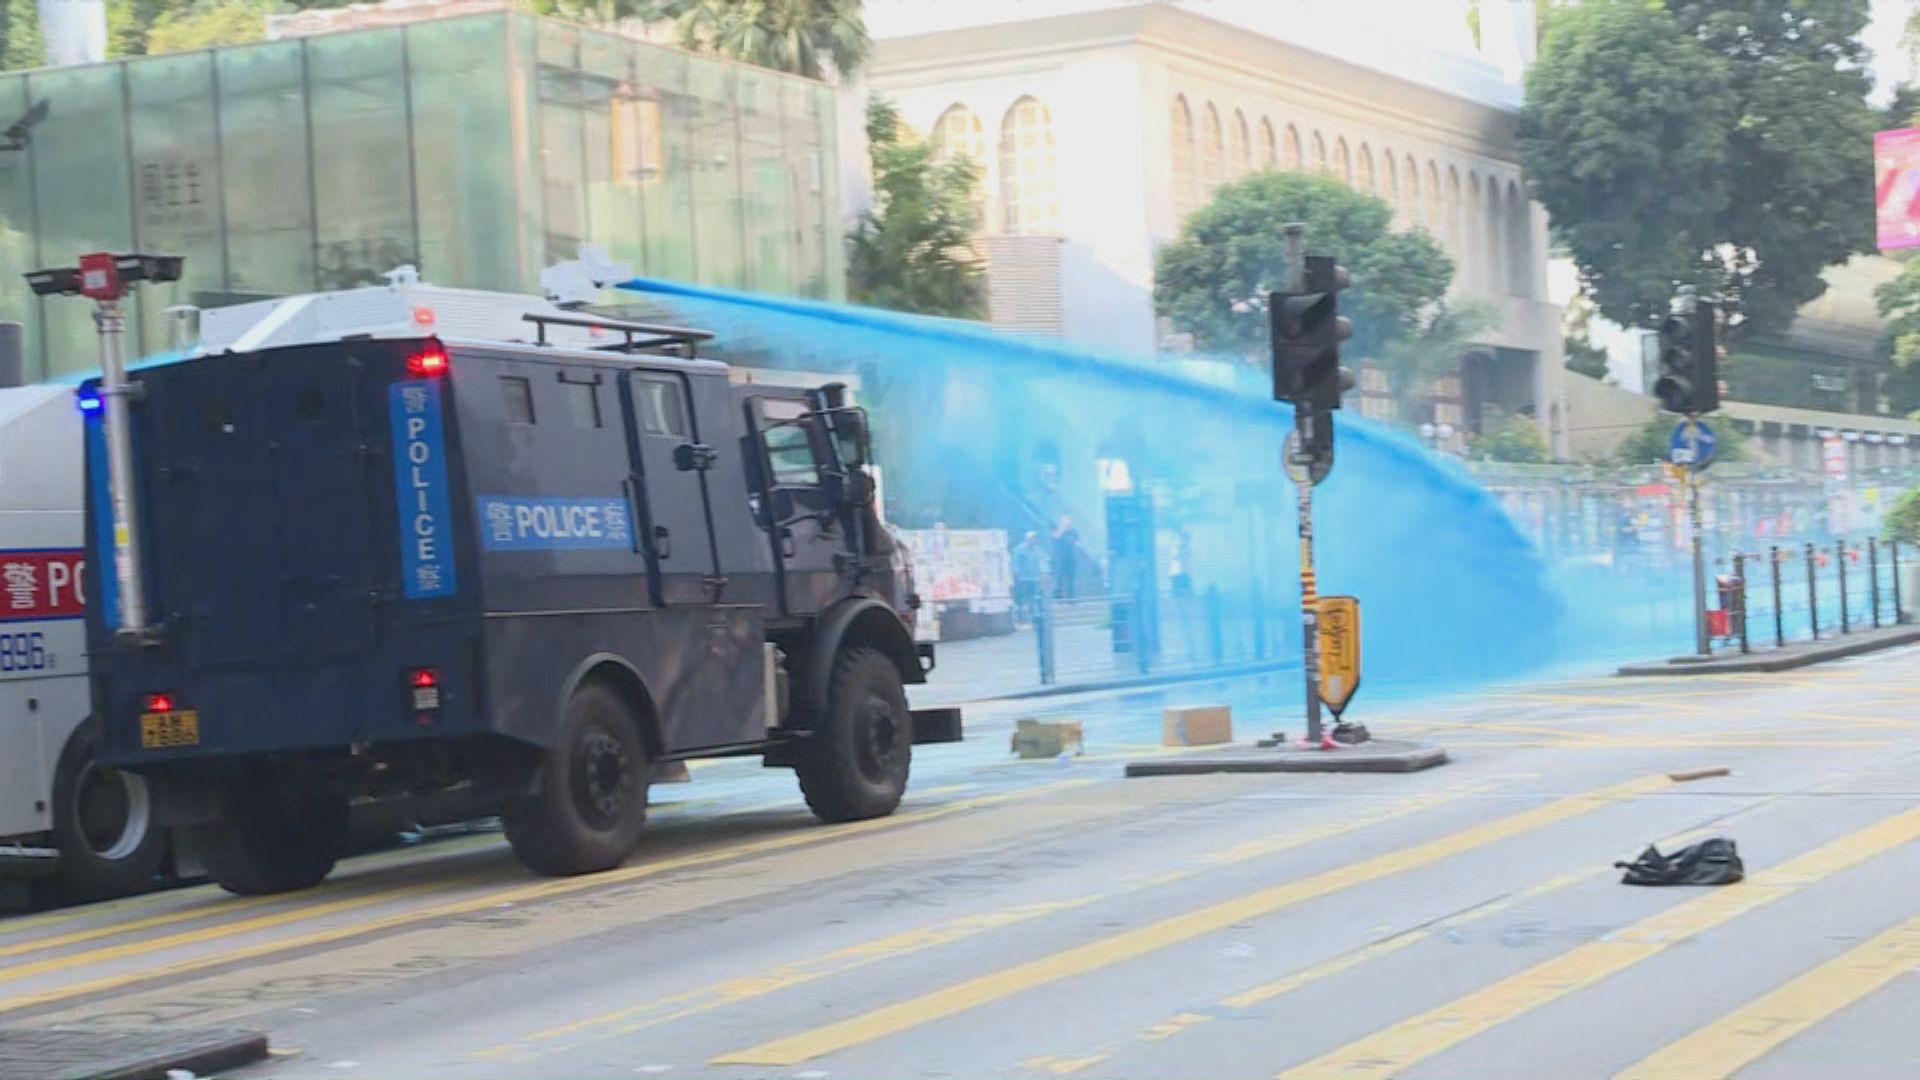 【即日焦點】警稱昨驅散行動目的包括保護清真寺 印度協會前主席指警方執法過界;澳媒集體開天窗抗新聞自由遭打壓